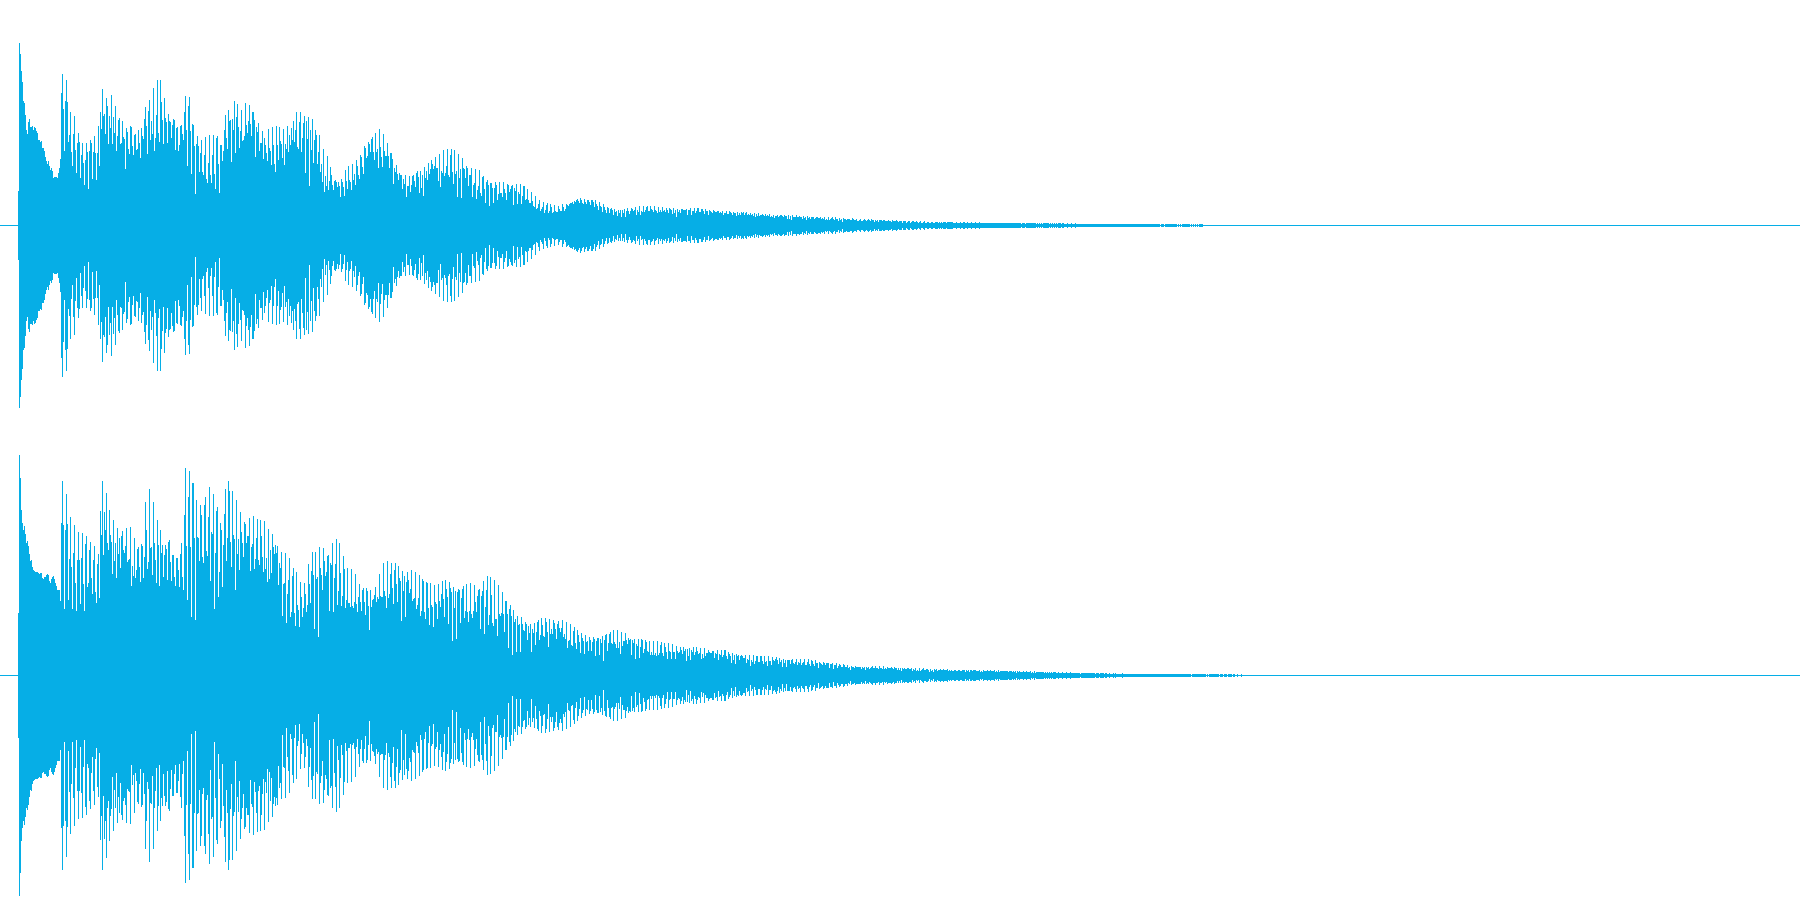 フレーズ系06 文字、スーパー表示(中)の再生済みの波形